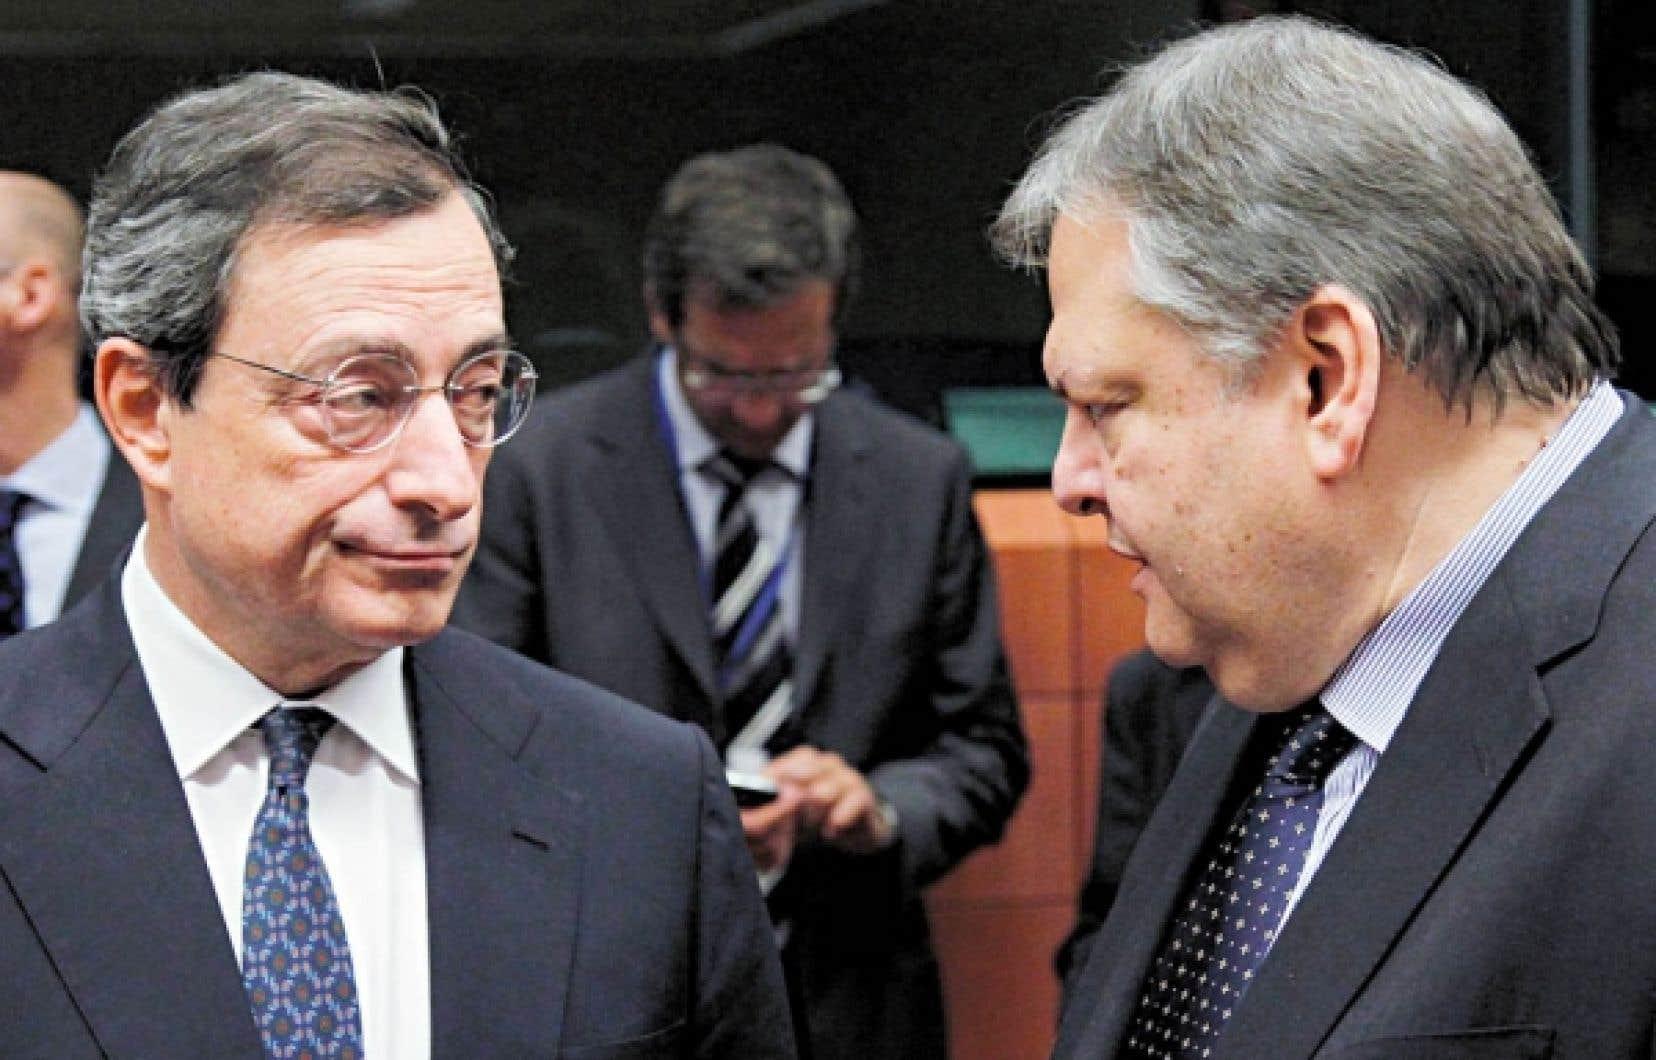 Le président de la Banque centrale européenne, Mario Draghi, en compagnie du ministre grec des Finances, Evangélos Vénizélos<br />